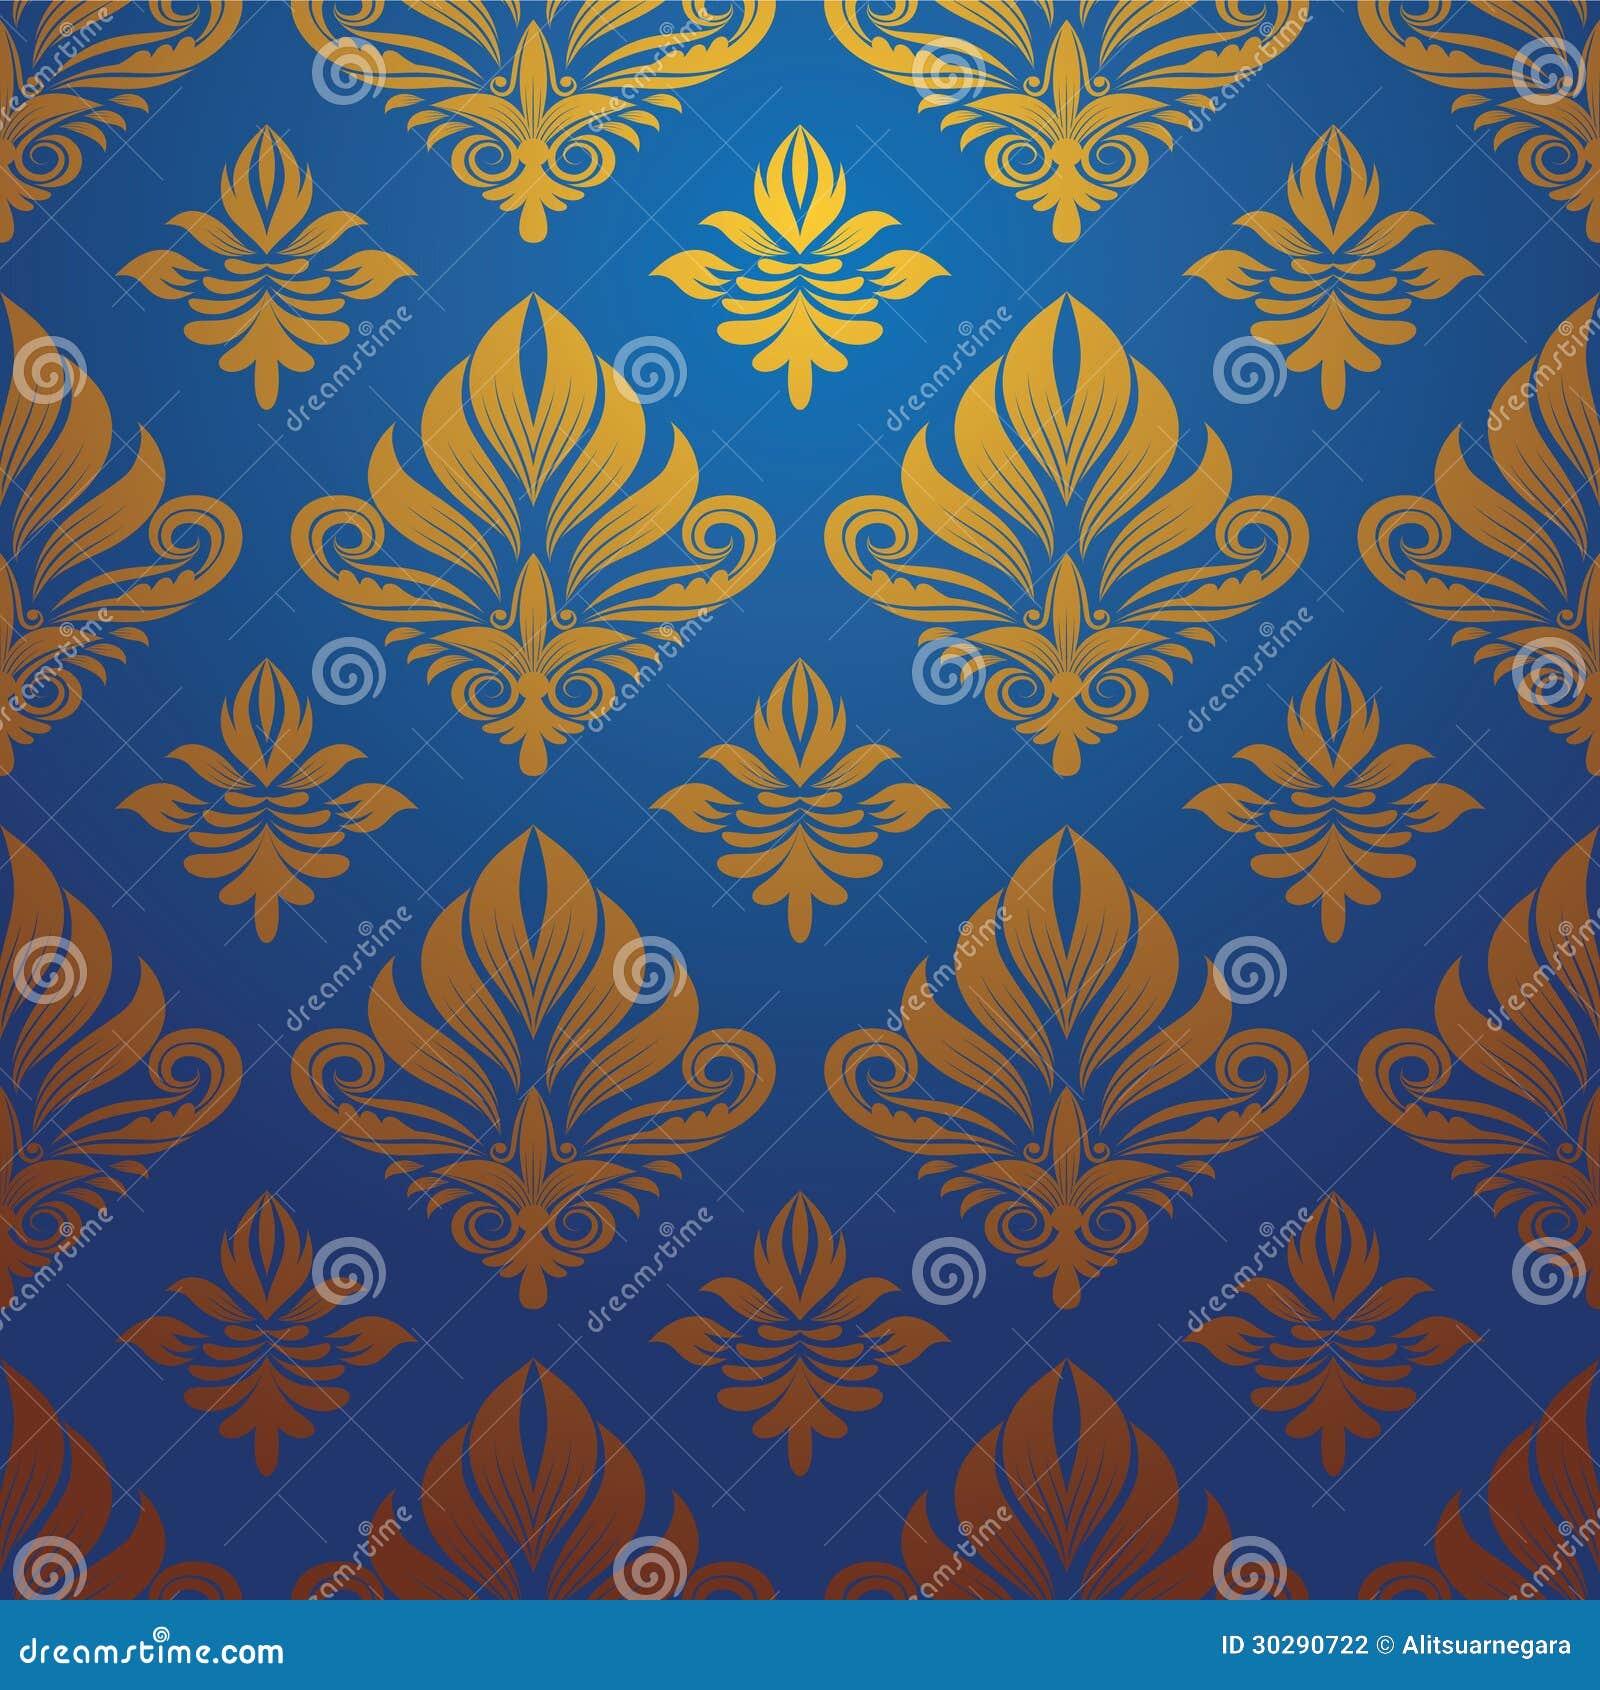 gold blue pattern vector stock vector illustration of illustrations